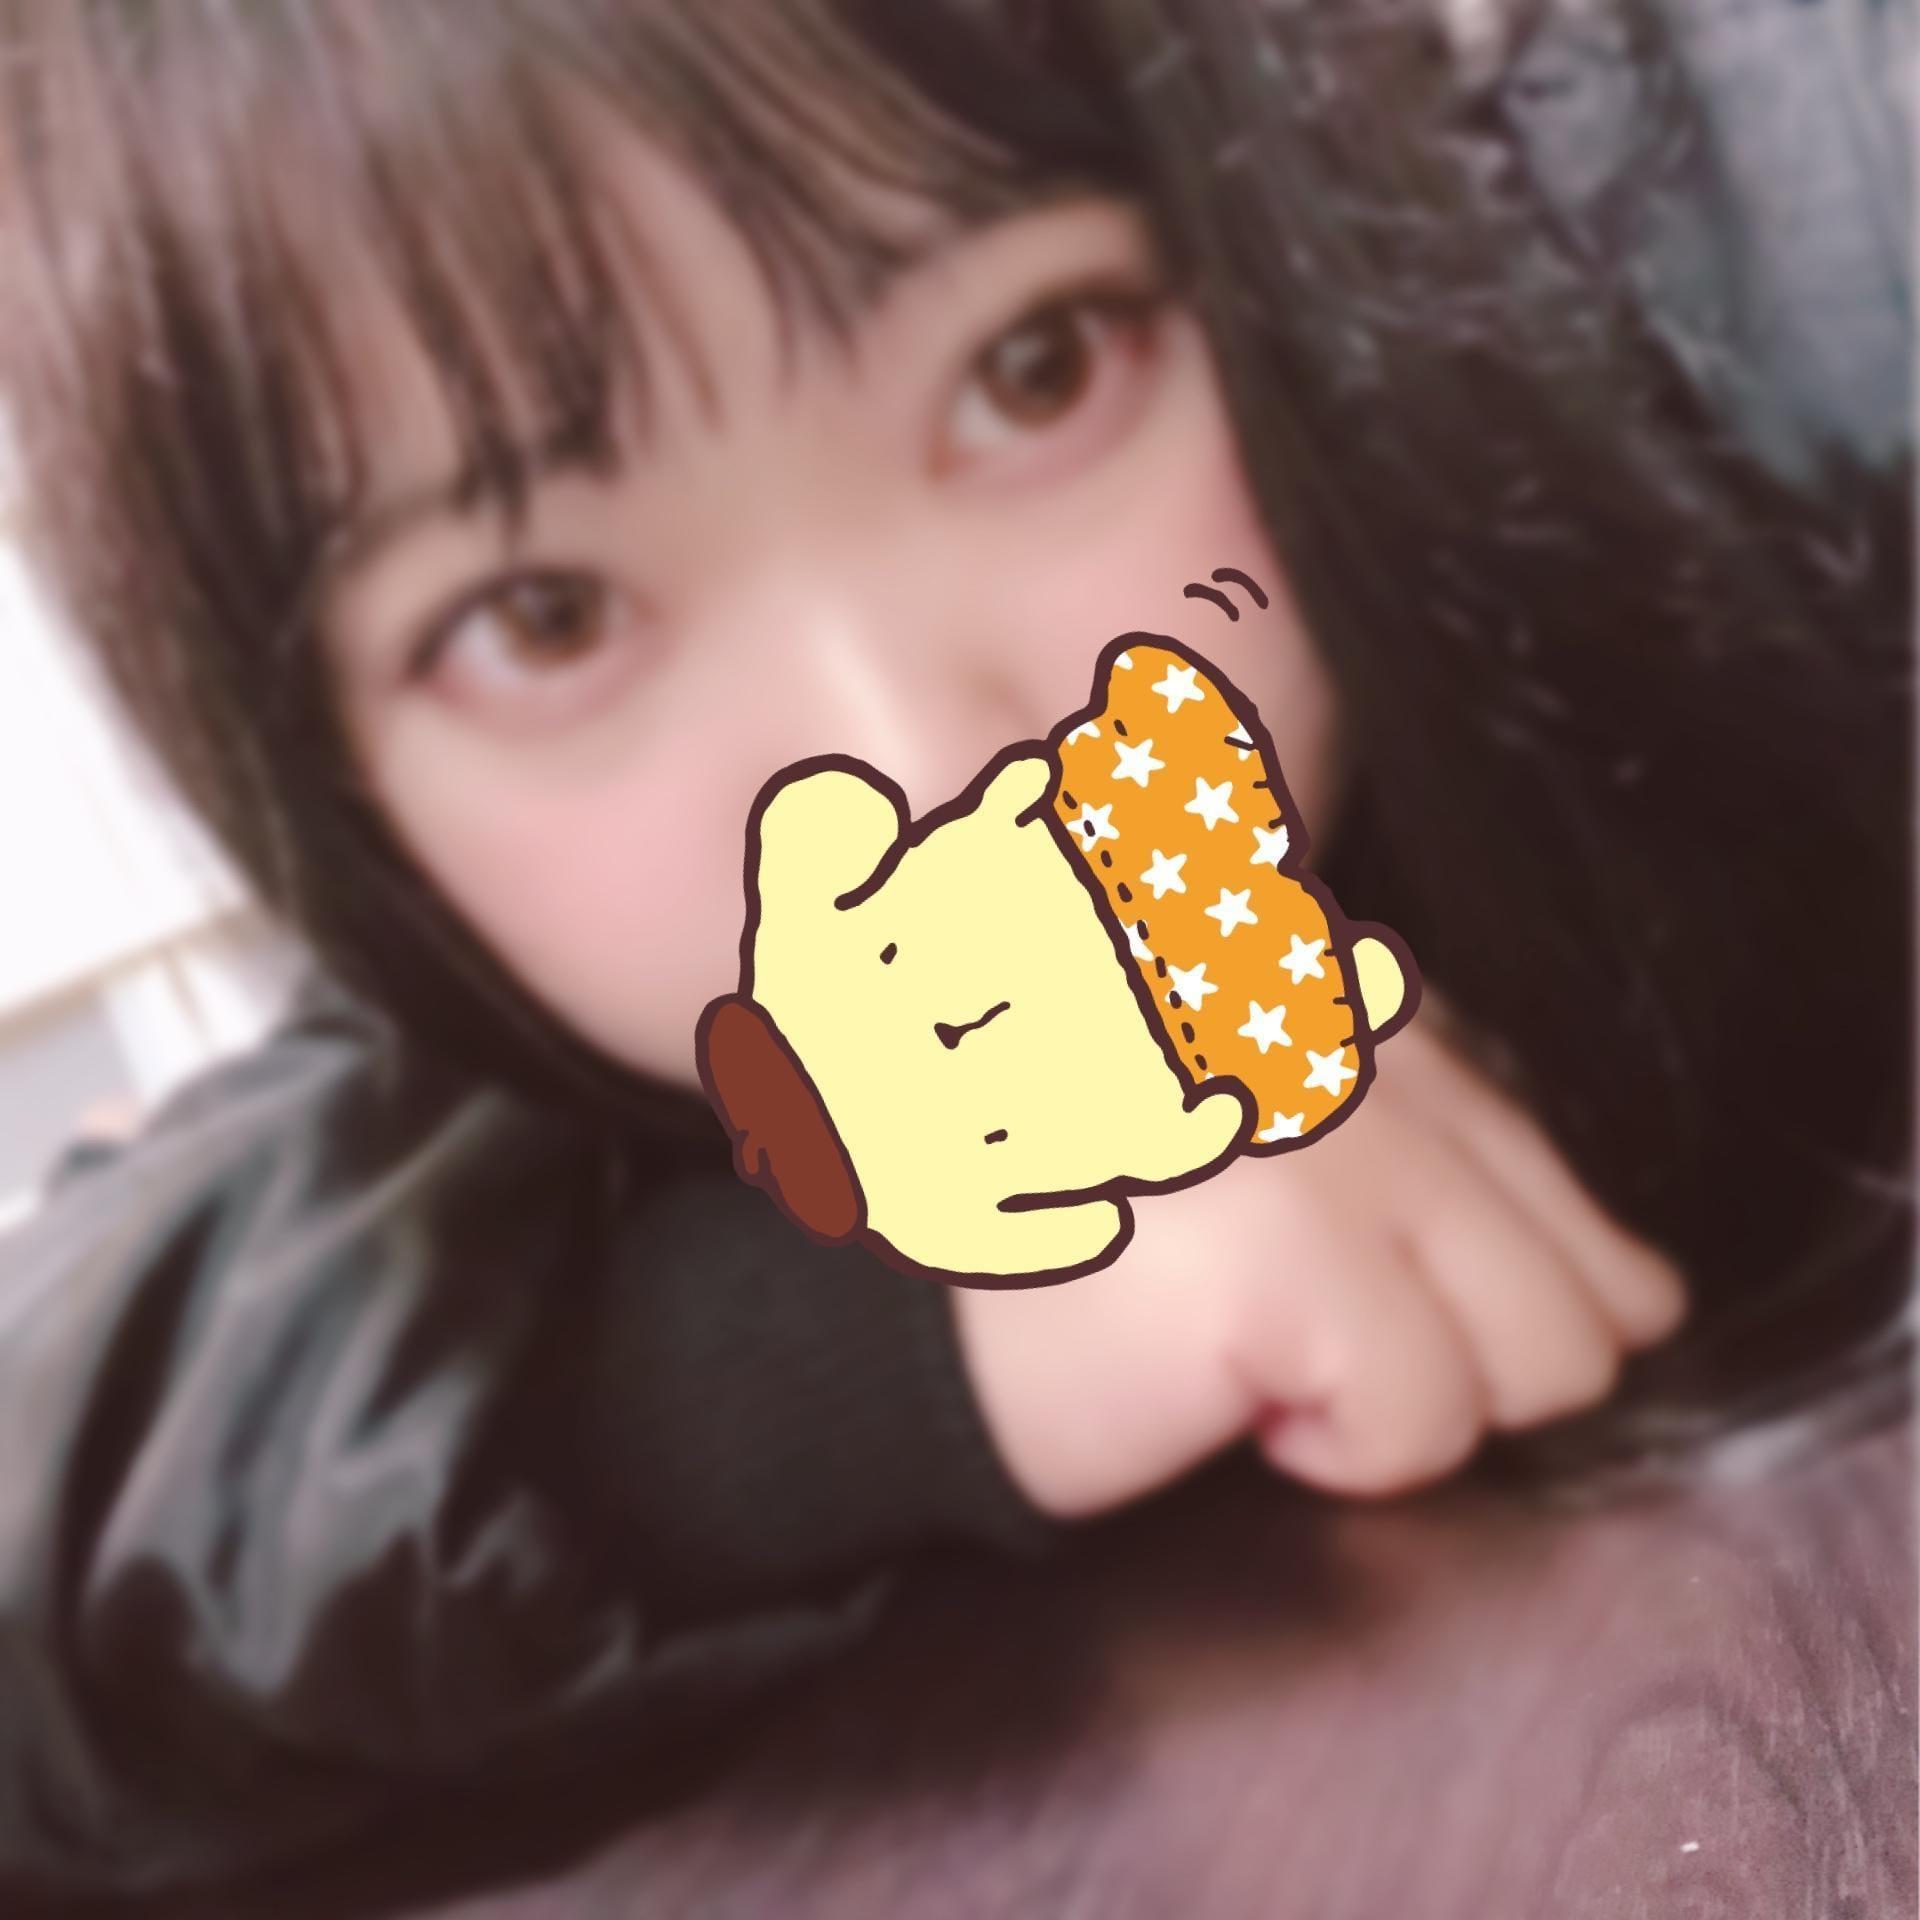 「イベント初日????」02/16日(土) 23:59   あすみの写メ・風俗動画